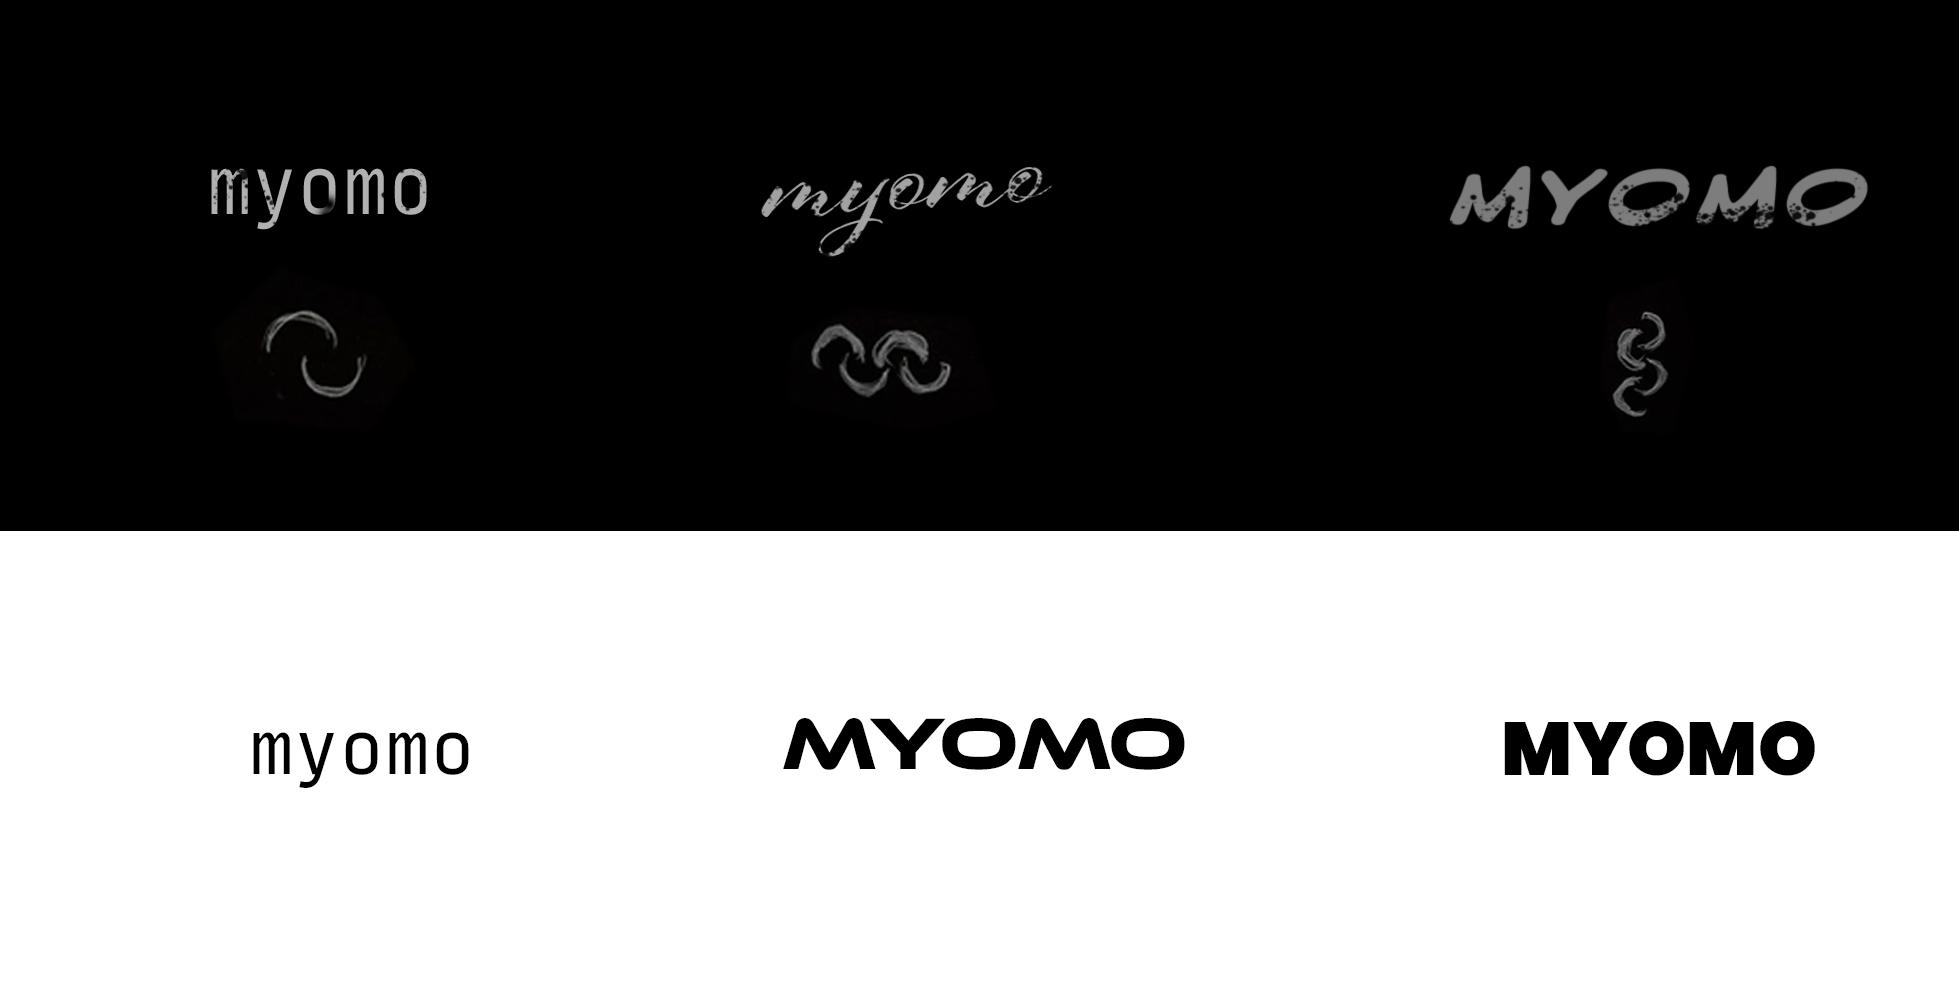 myomo_04.jpg